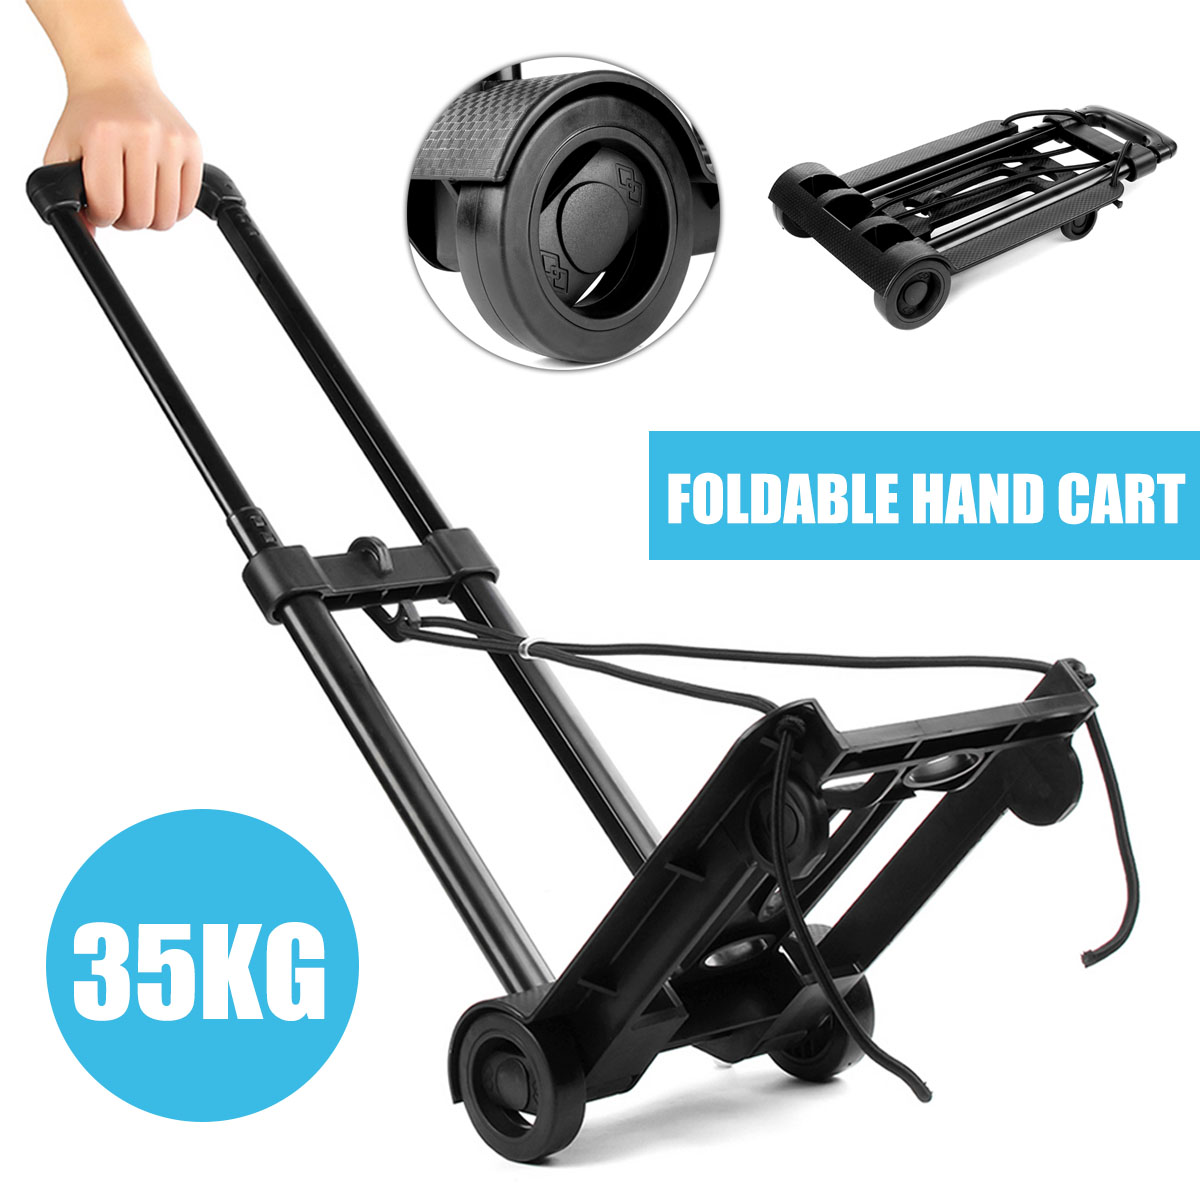 Chariot à main pliable 35 KG chariot à main réglable en alliage de métal chariot à main lourd chariot à bagages Shopping accessoires de voyage